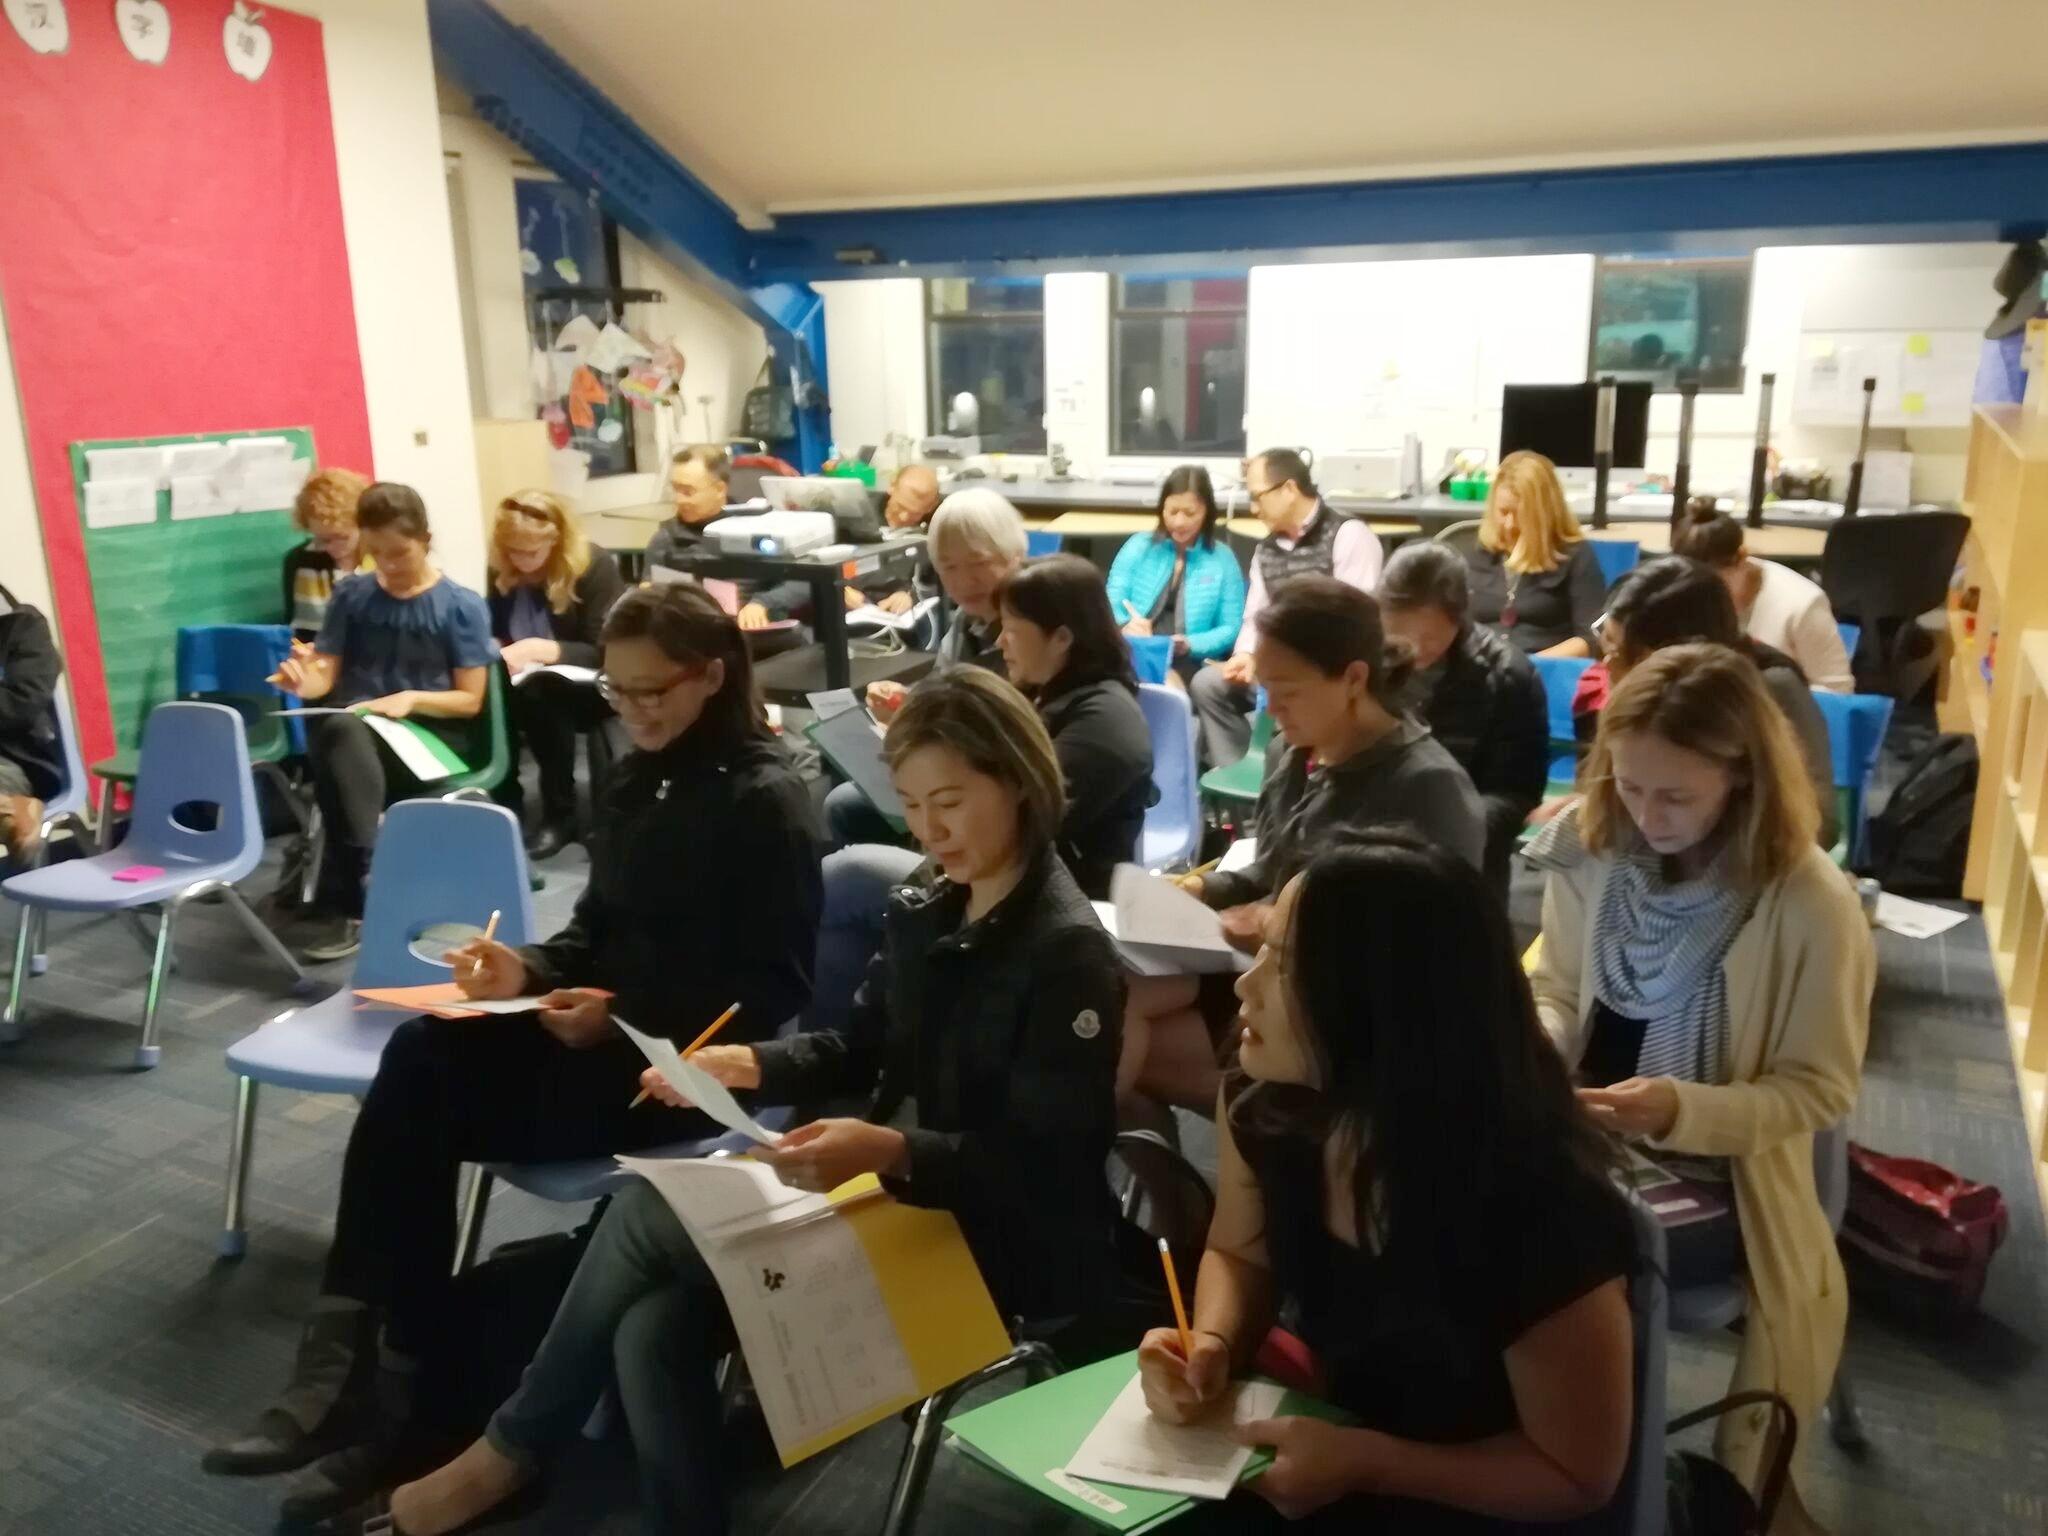 4th grade parents review classroom materials